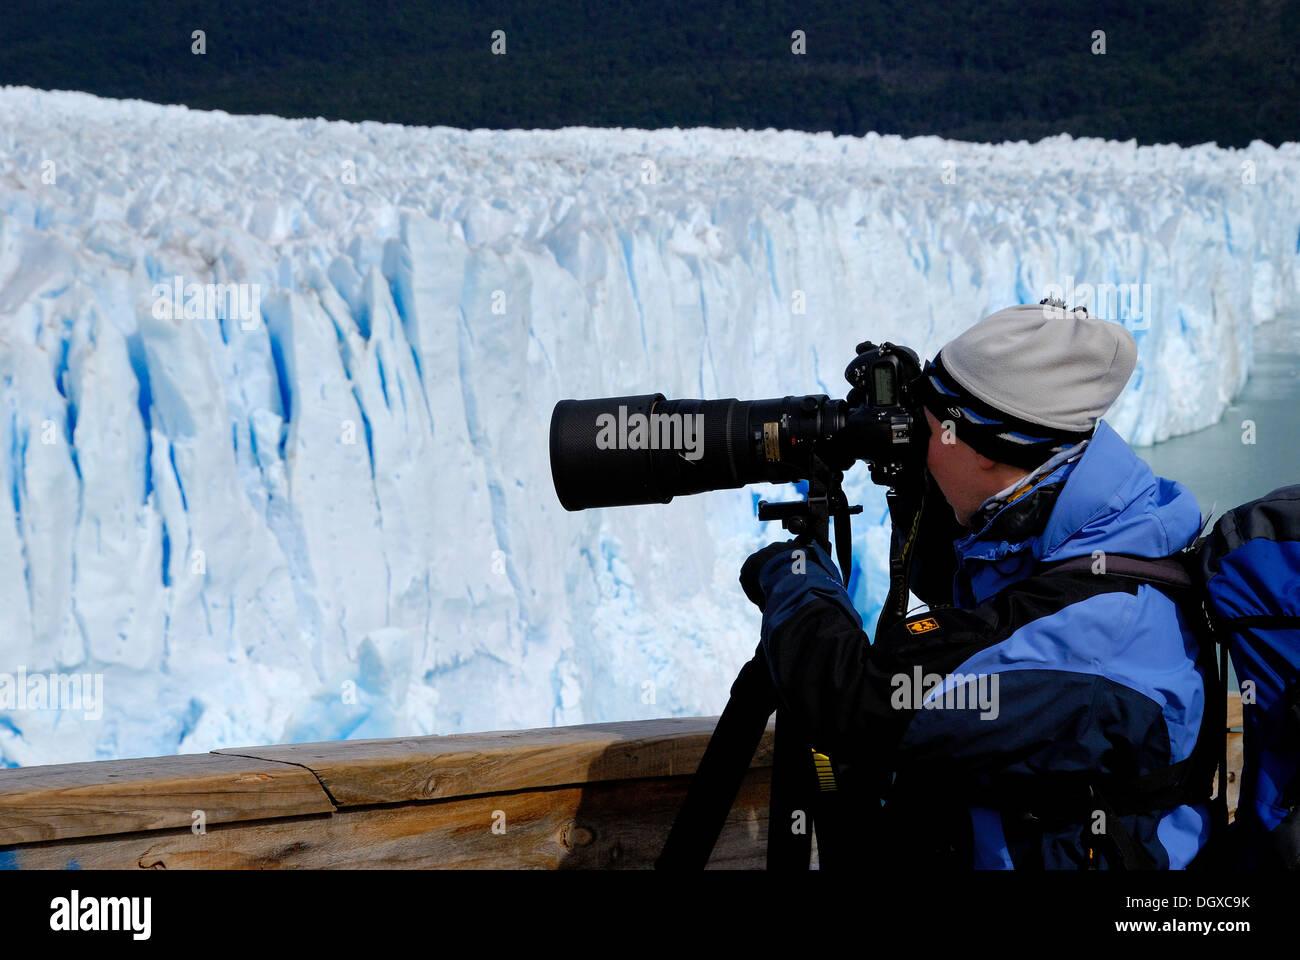 Fotografo con un teleobiettivo, prendendo foto del ghiacciaio Perito Moreno, Patagonia, Argentina, Sud America Immagini Stock